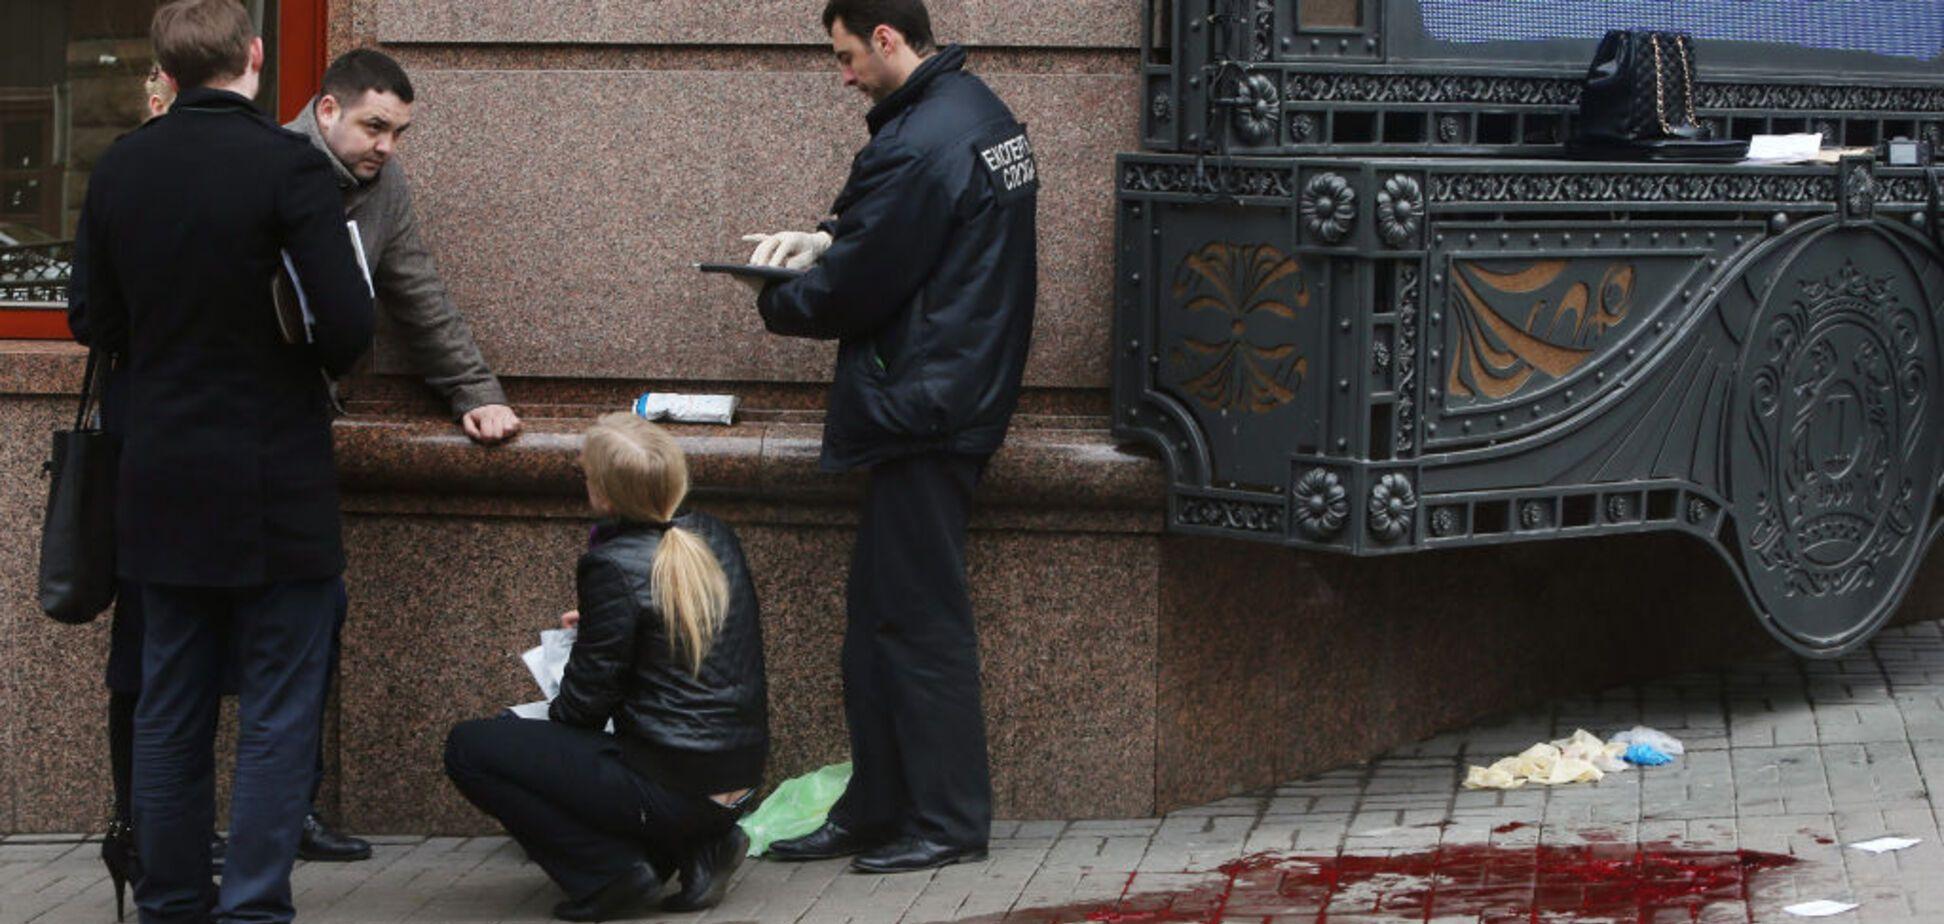 Дело Вороненкова: ГПУ попросила Россию экстрадировать заказчика убийства